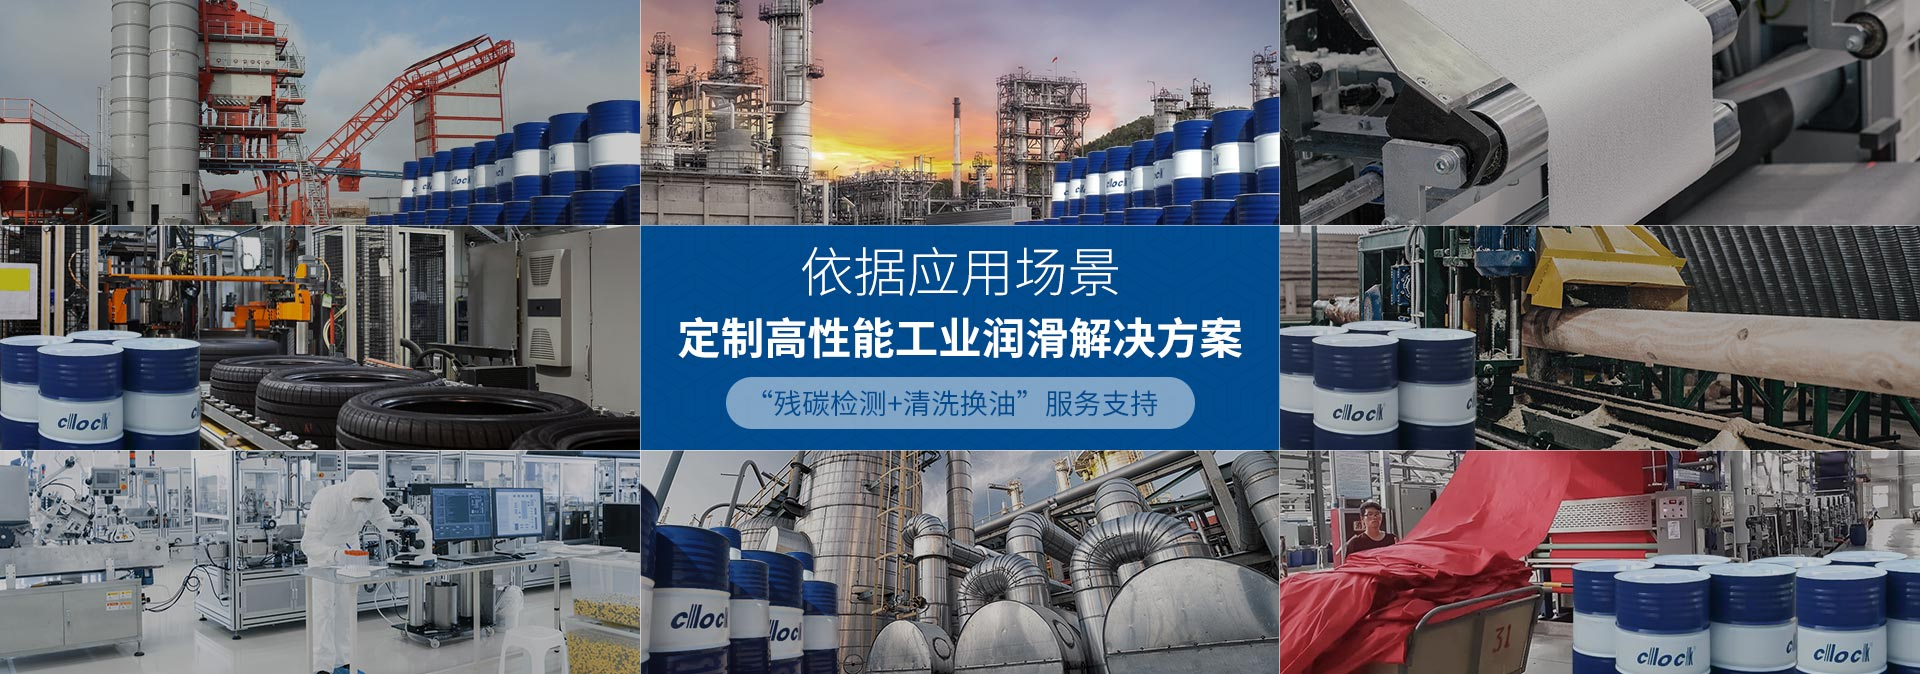 """克拉克""""残碳检测+清洗换油""""服务支持  依据应用场景   定制高性能工业润滑解决方案"""